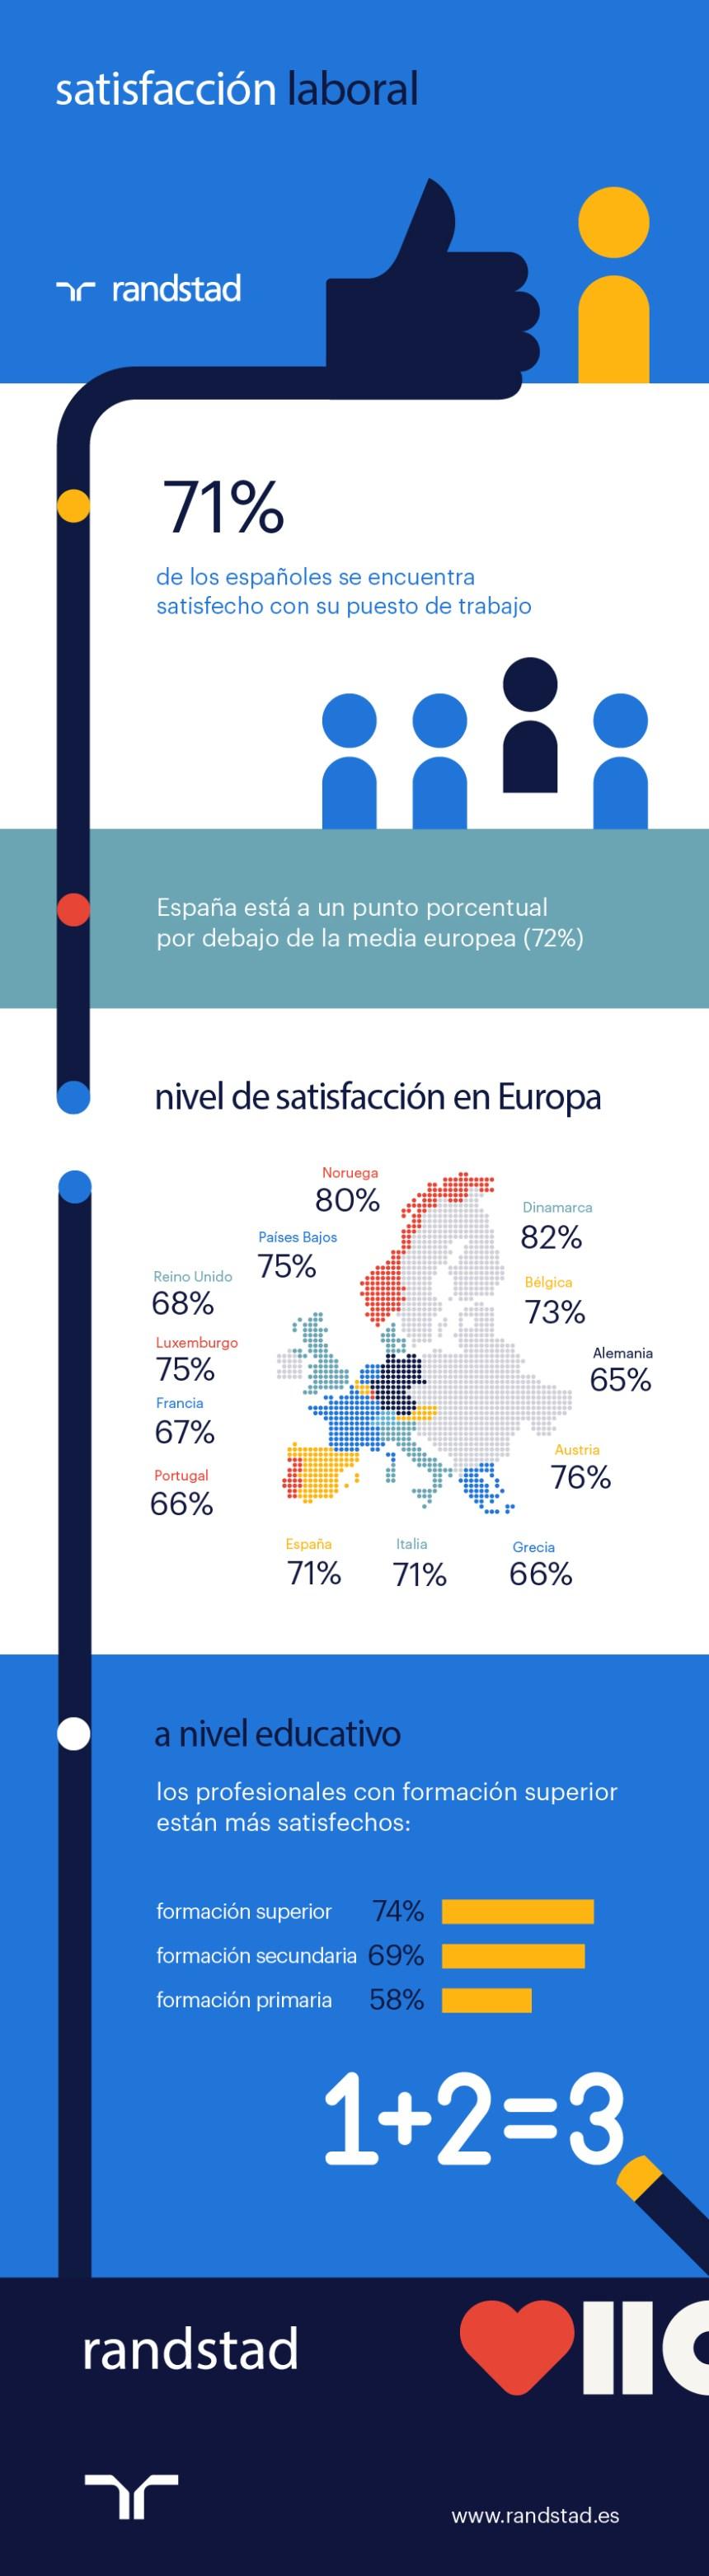 El 71% de los españoles está satisfecho con su puesto de trabajo